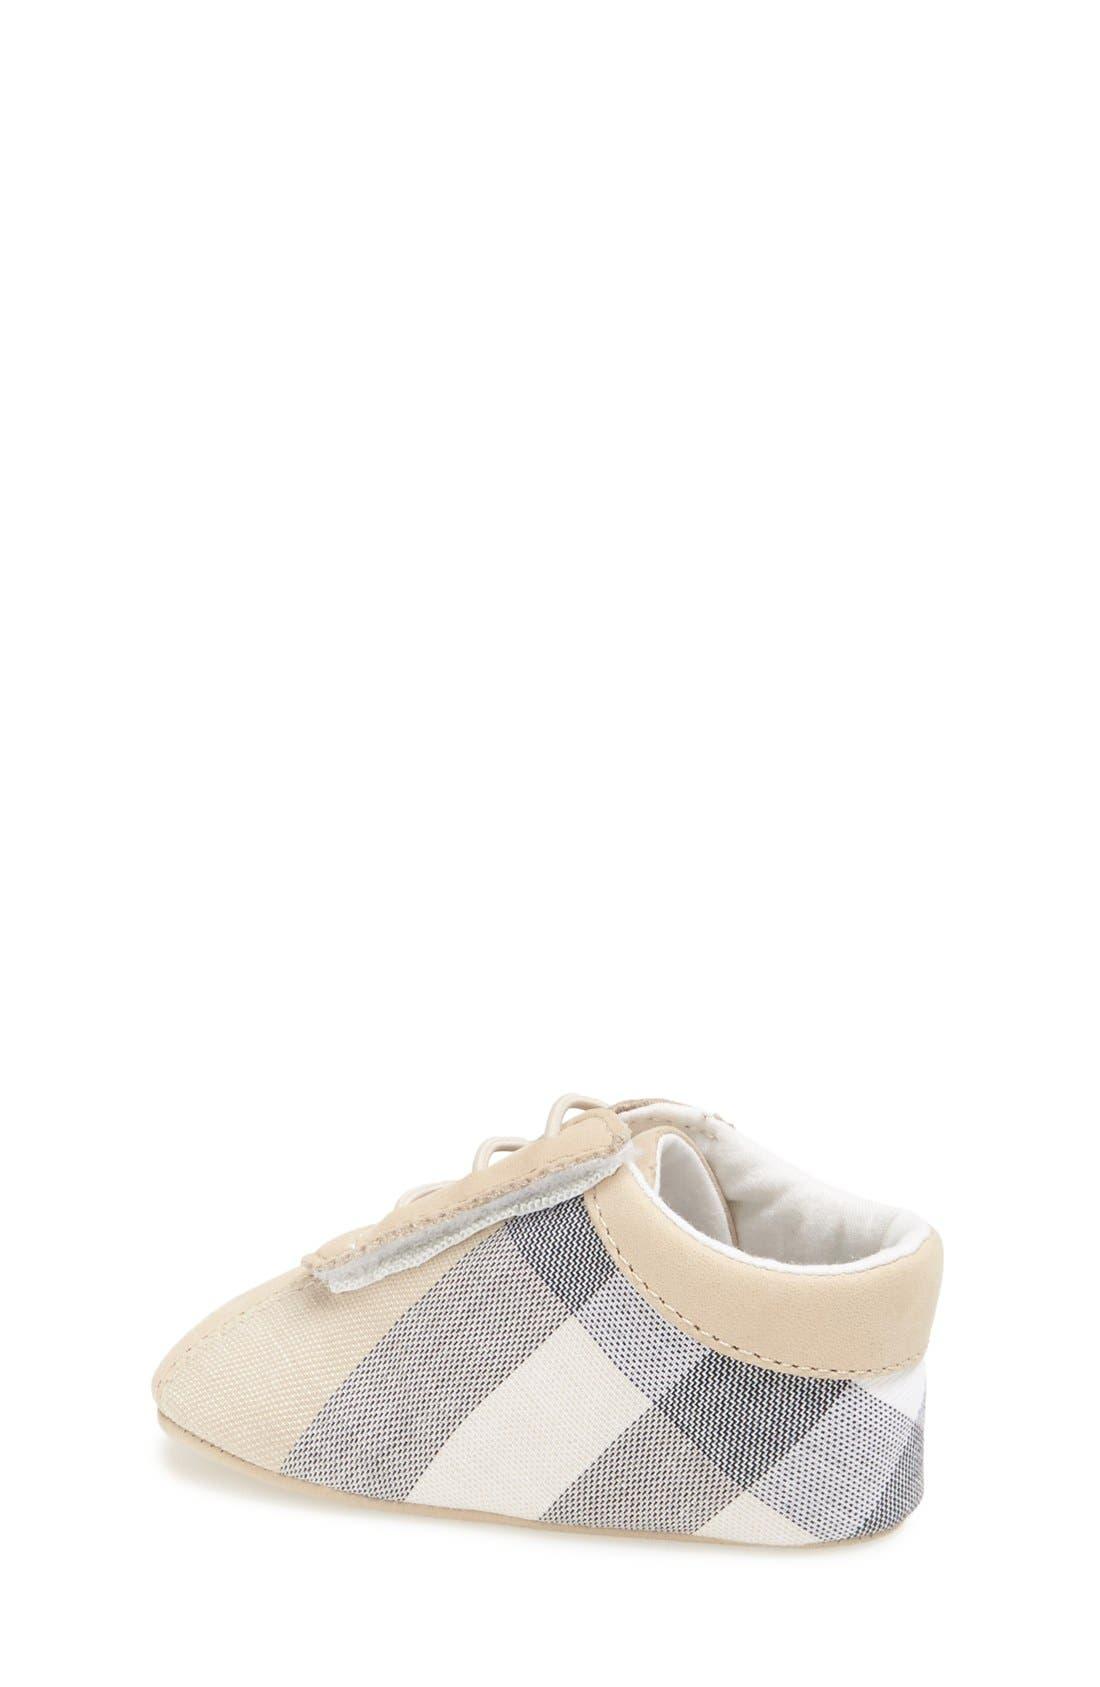 'Bosco' Crib Shoe,                             Alternate thumbnail 2, color,                             250